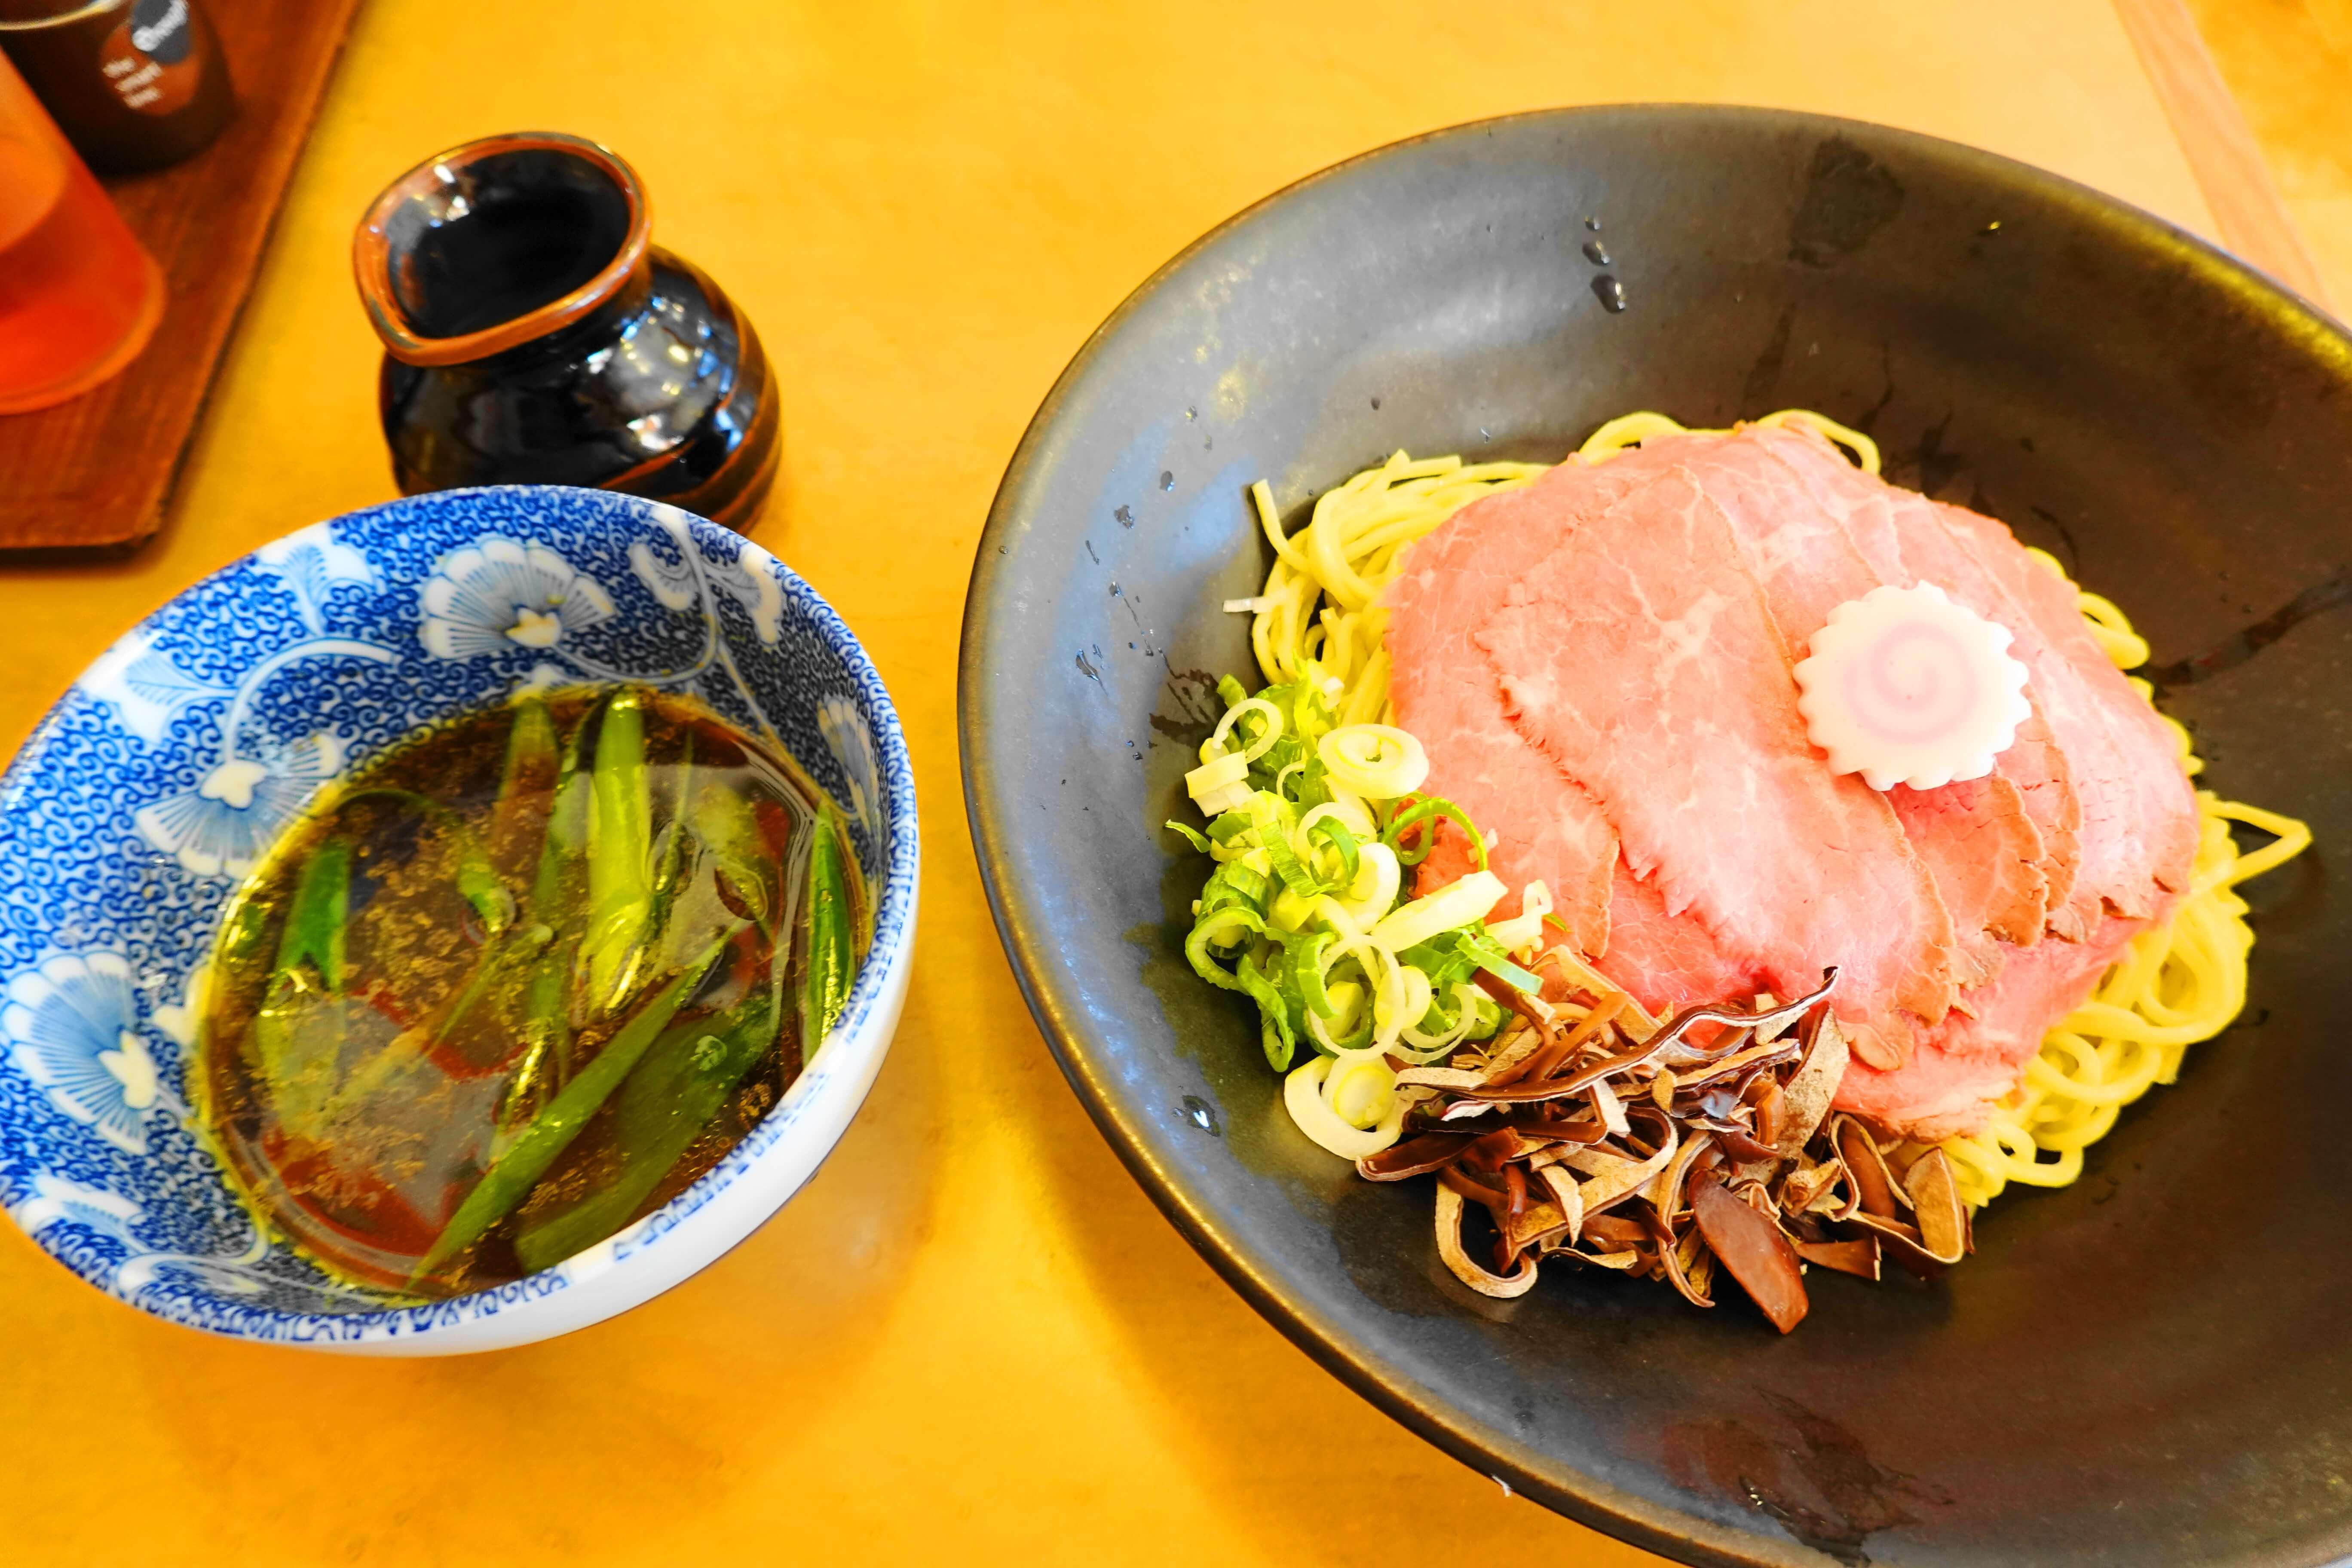 つけ麺職人ラーメン日の出金沢新神田本店|つけ麺のパイオニアでジューシーなお肉を堪能